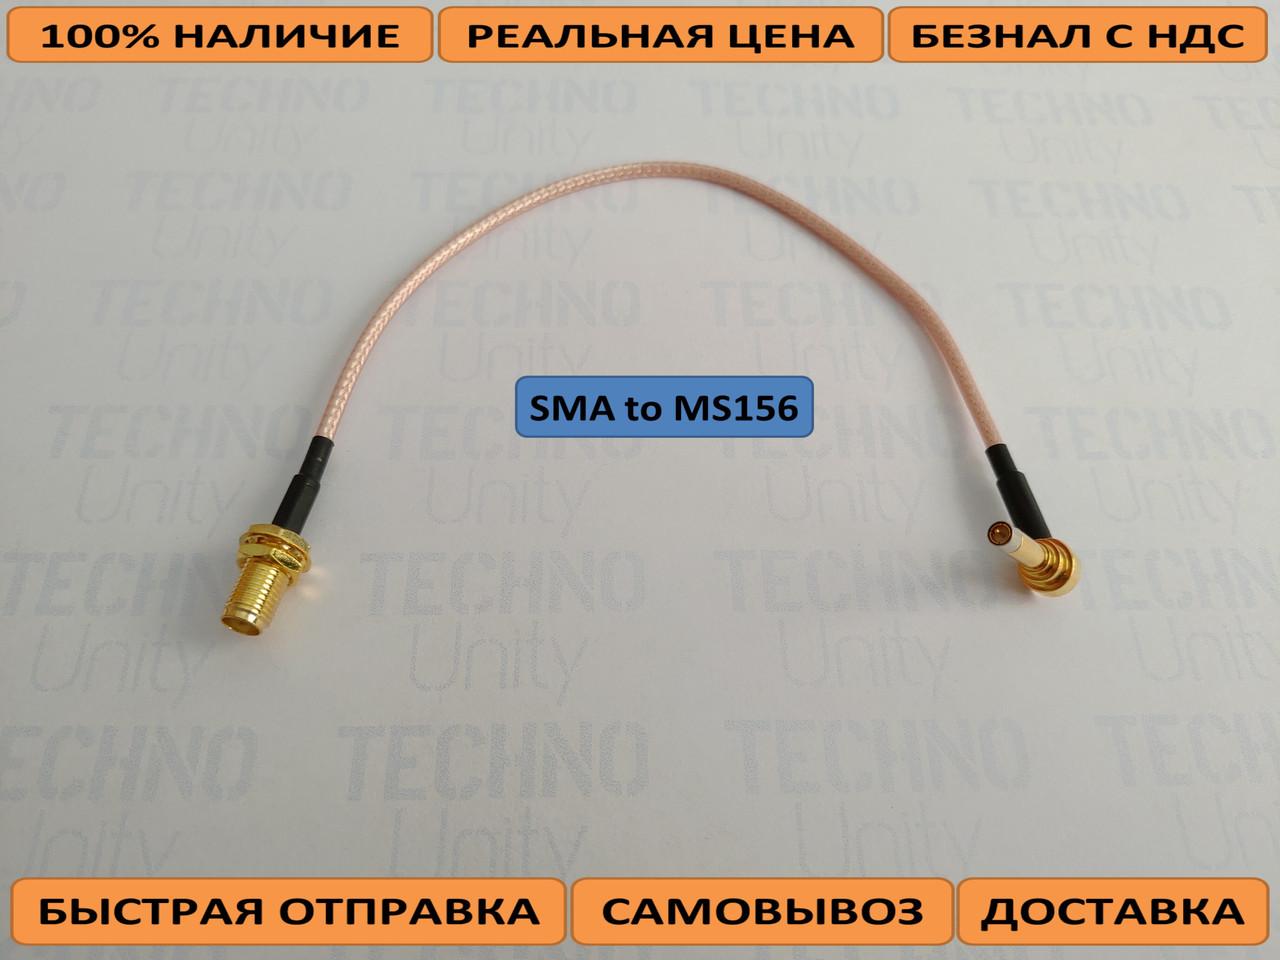 Антенный переходник (pig-tail, пигтейл) MS-156 to SMA (для Huawei EC5321, EC126, E153, EC167, E220)